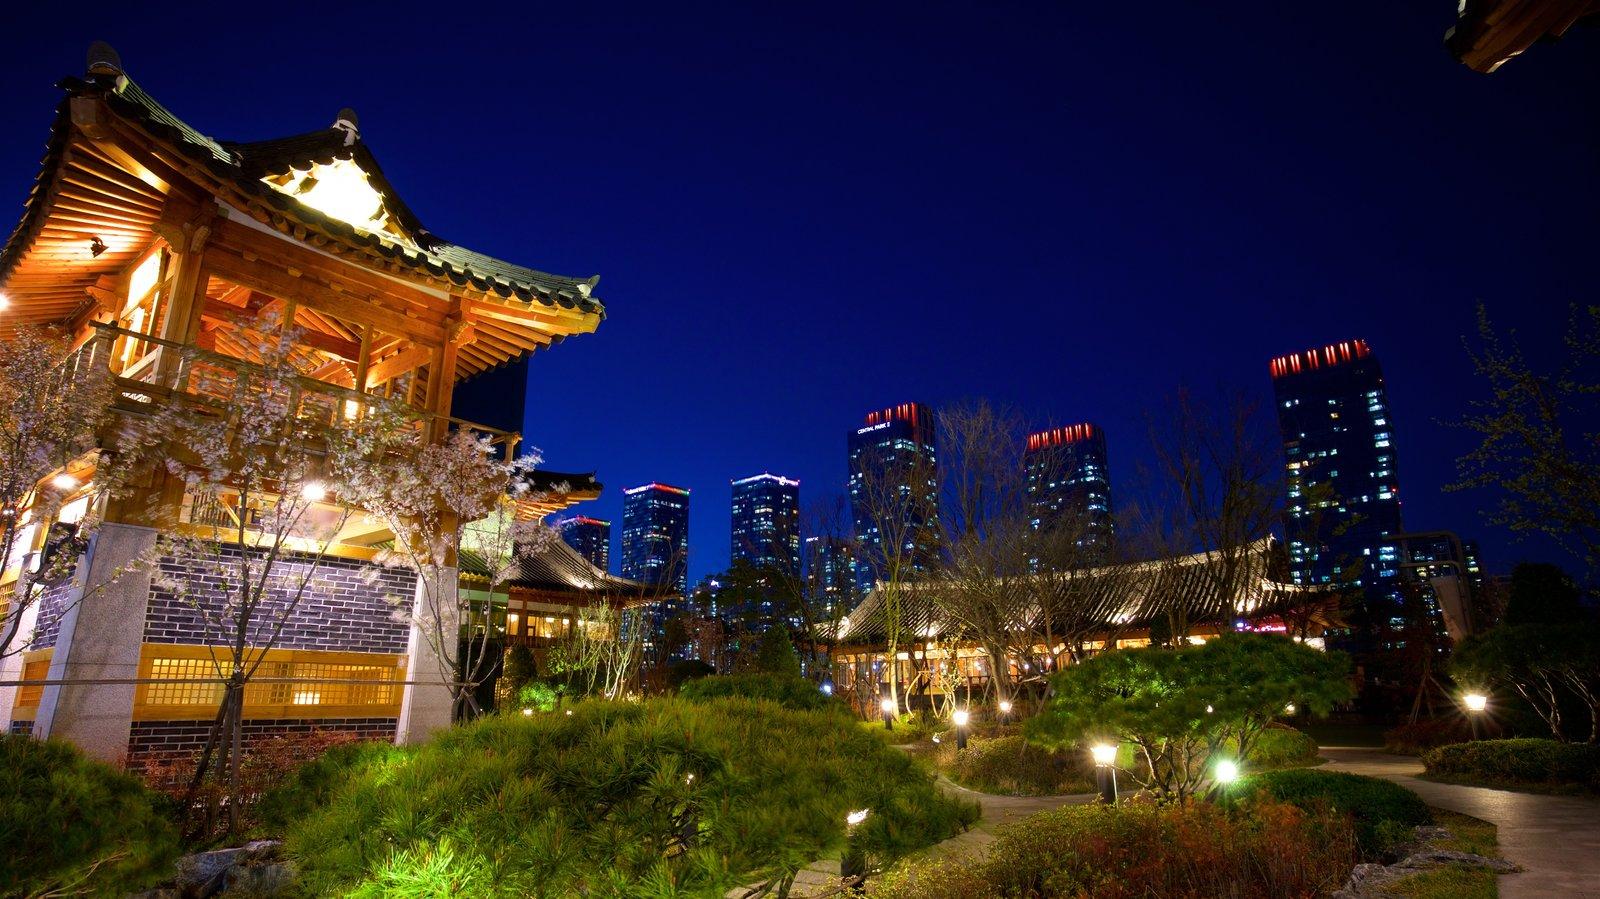 Incheon ofreciendo elementos del patrimonio, escenas nocturnas y una ciudad